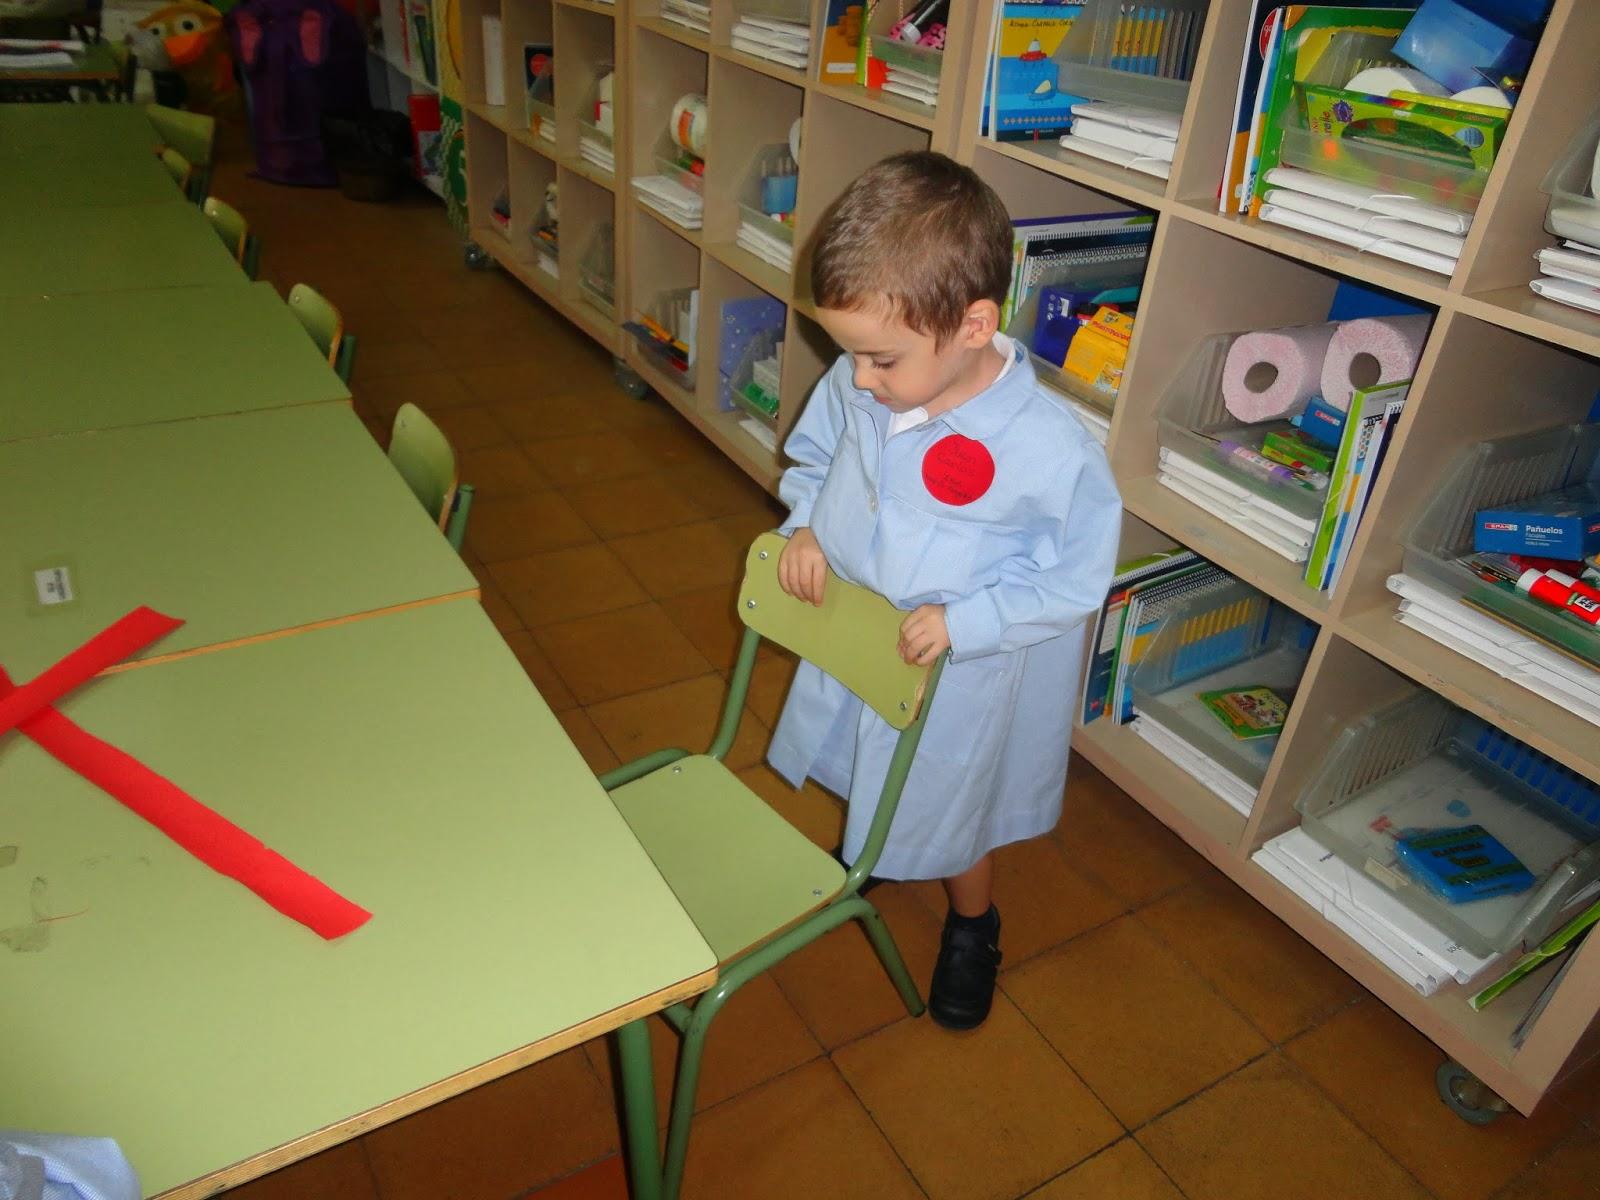 Arias montano infantil rutinas 3 a os a for Trabajos por debajo de la mesa